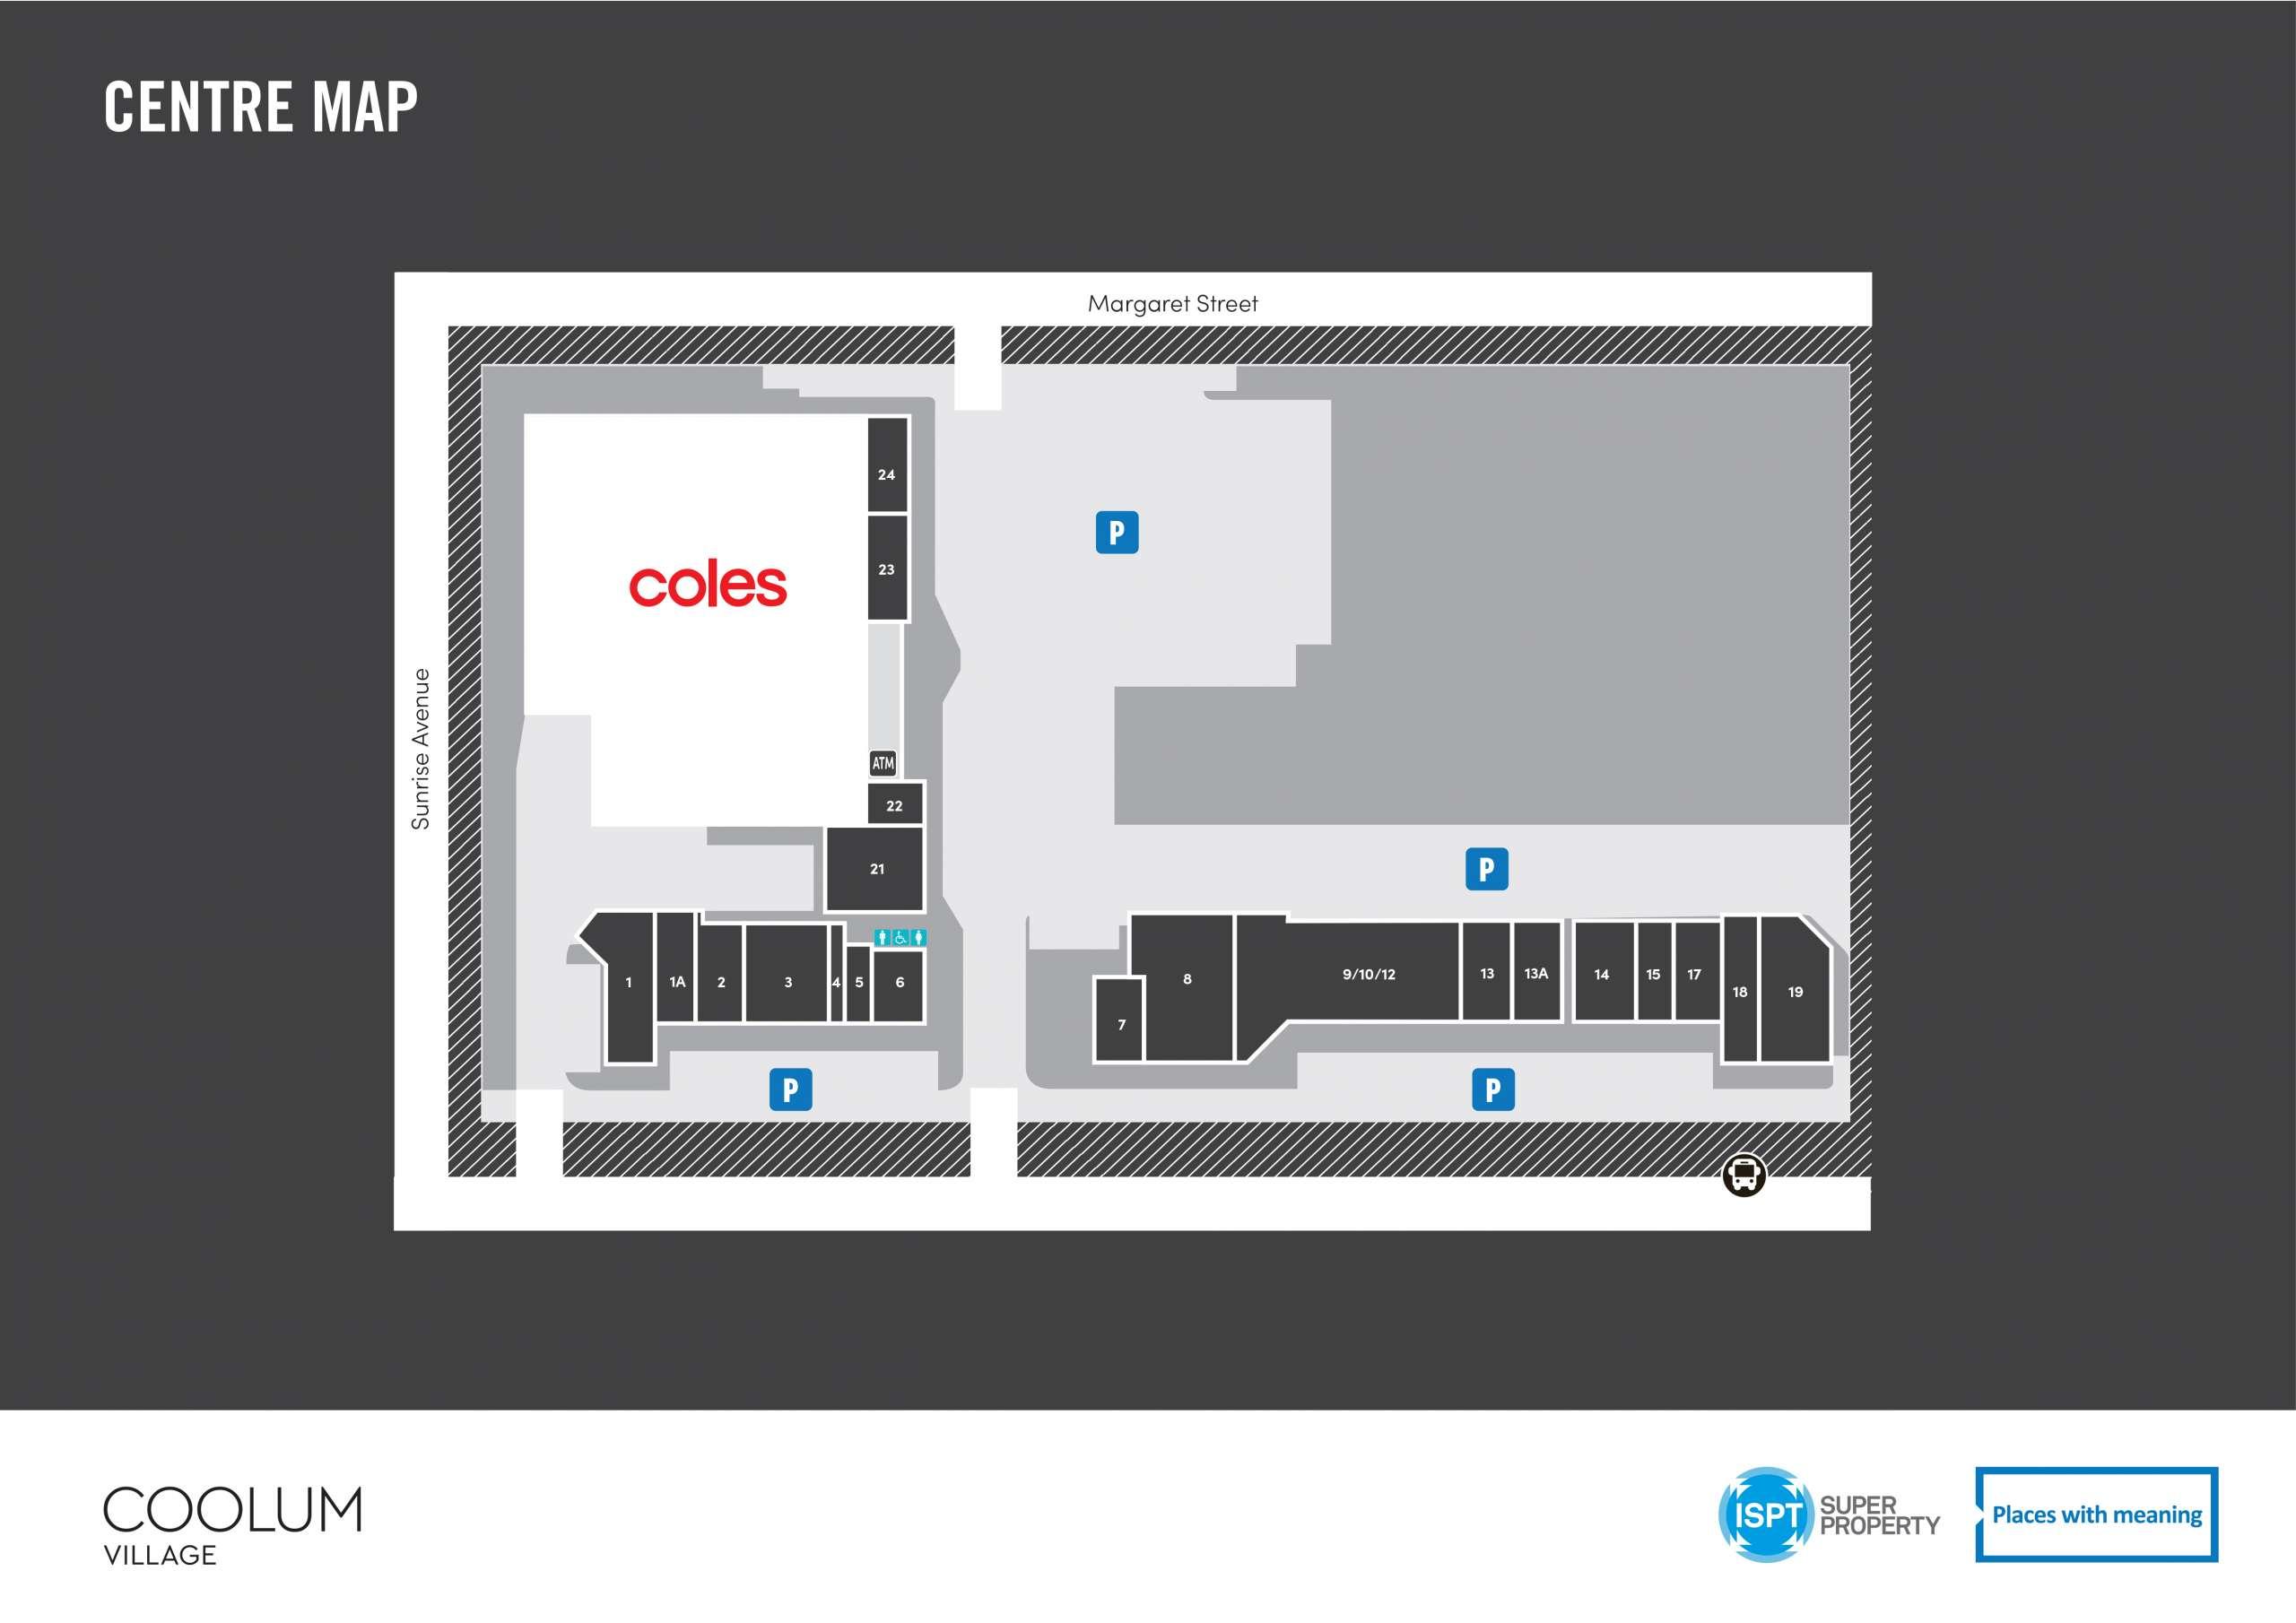 Coolum Village Centre Map